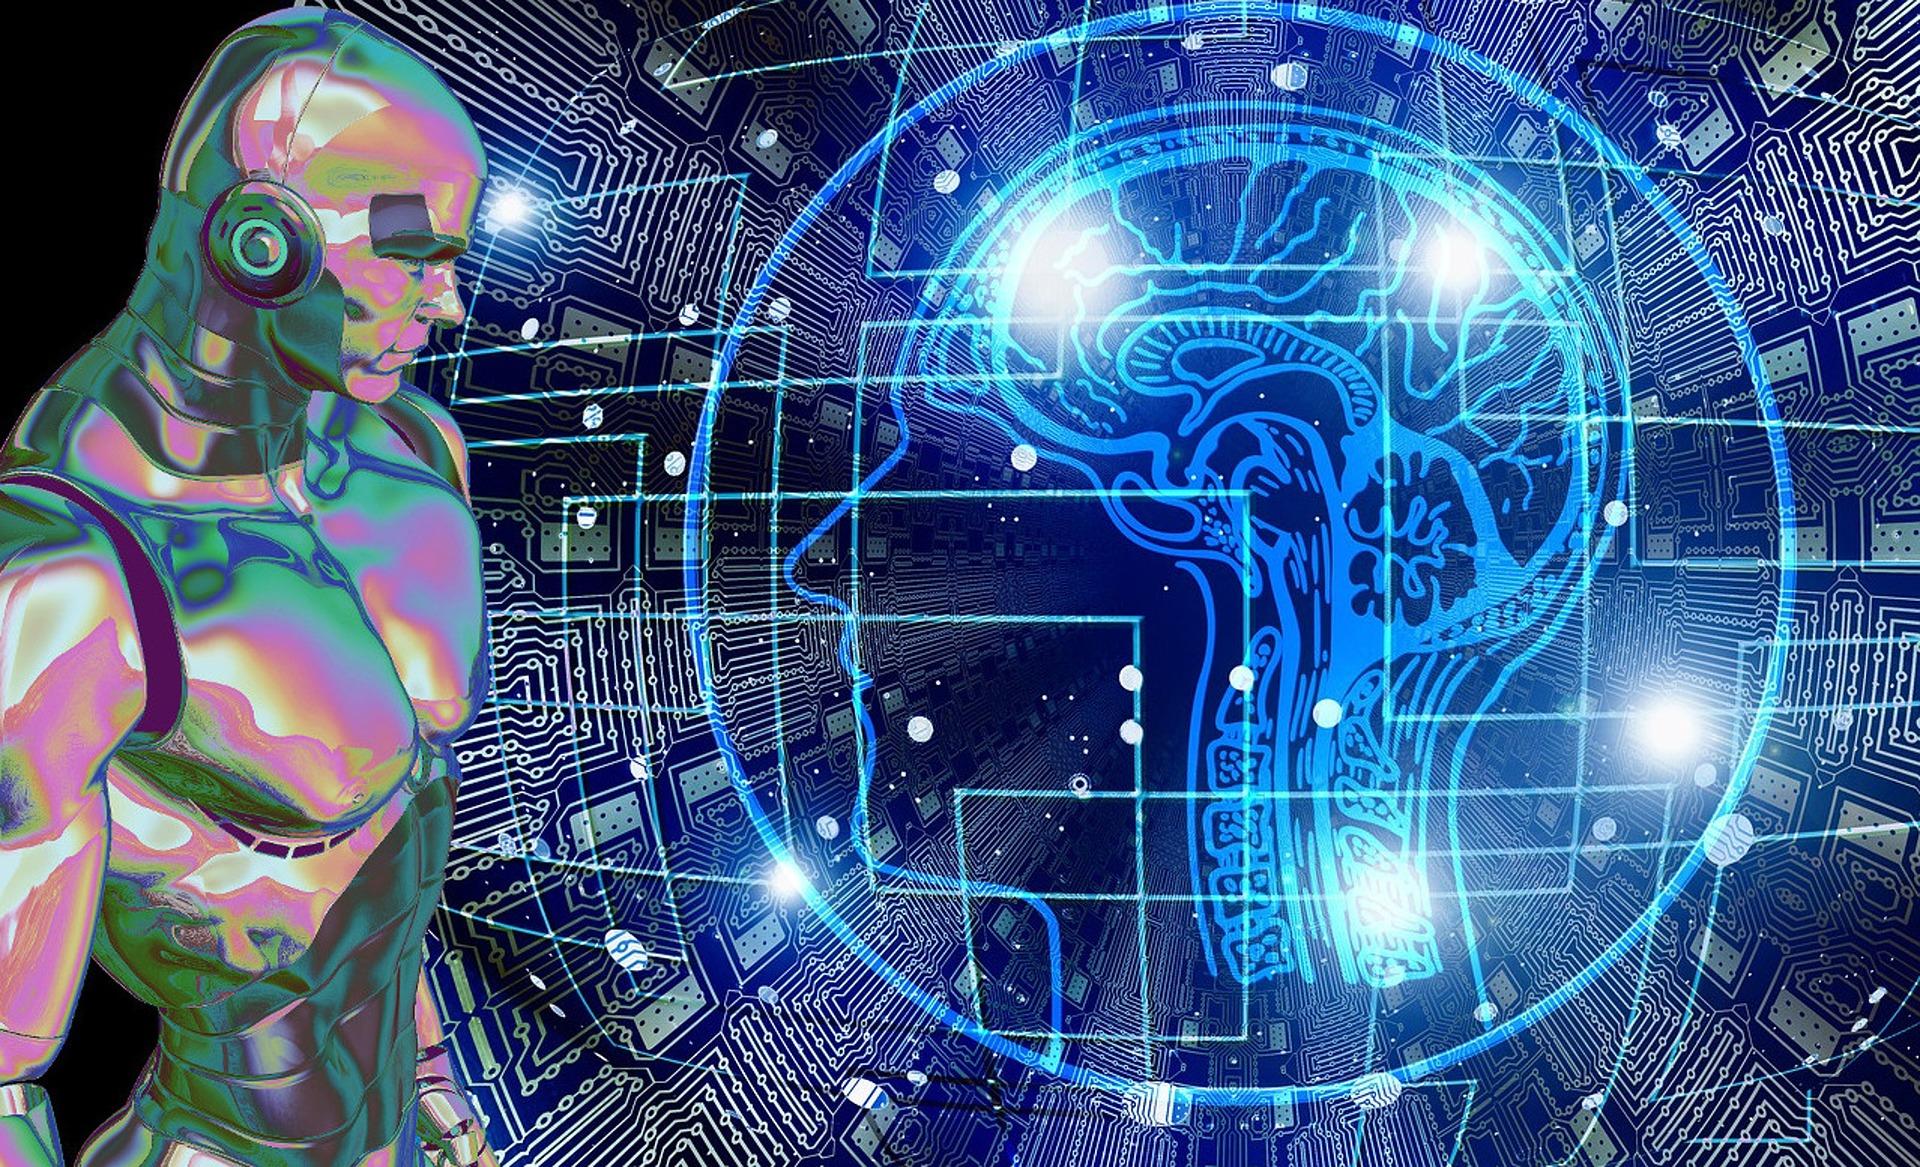 Imajinatu zure ordenagailuan blokeatuta dagoen superordenagailu baten potentzia informatikoa.  Lehen urratsa eman da